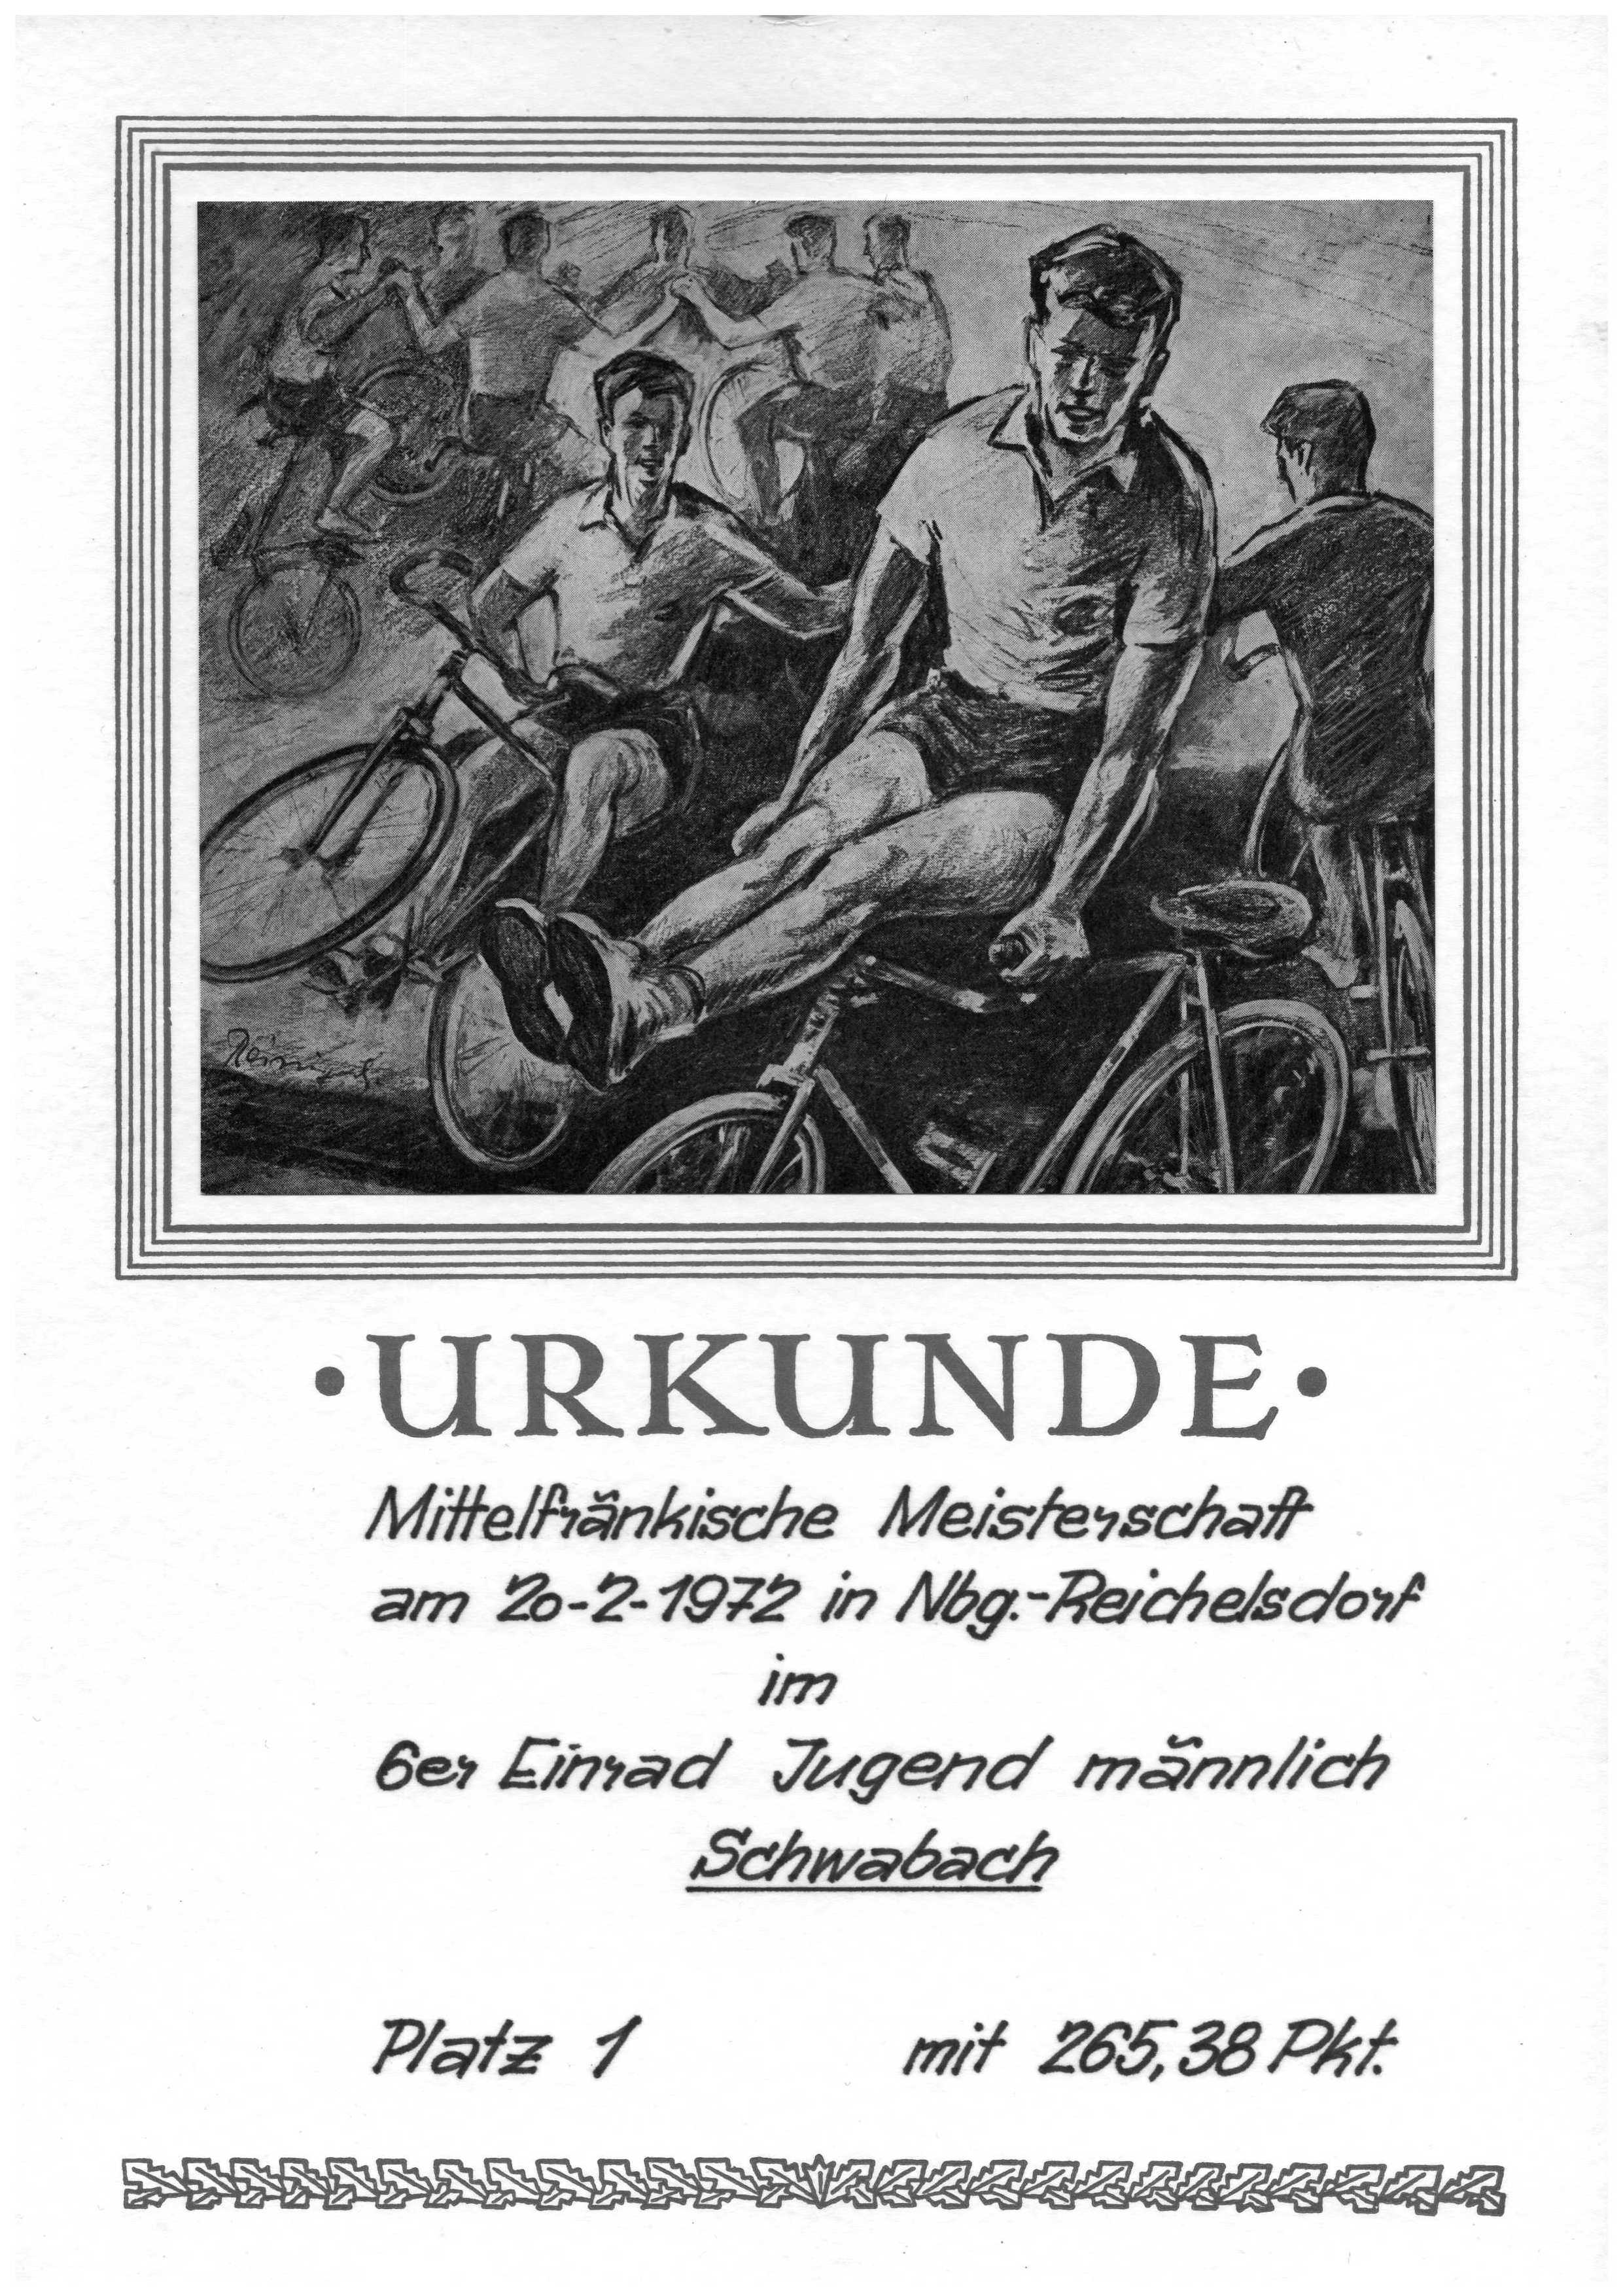 Urkunde-4er-Einrad-1972_Reichelsdorf